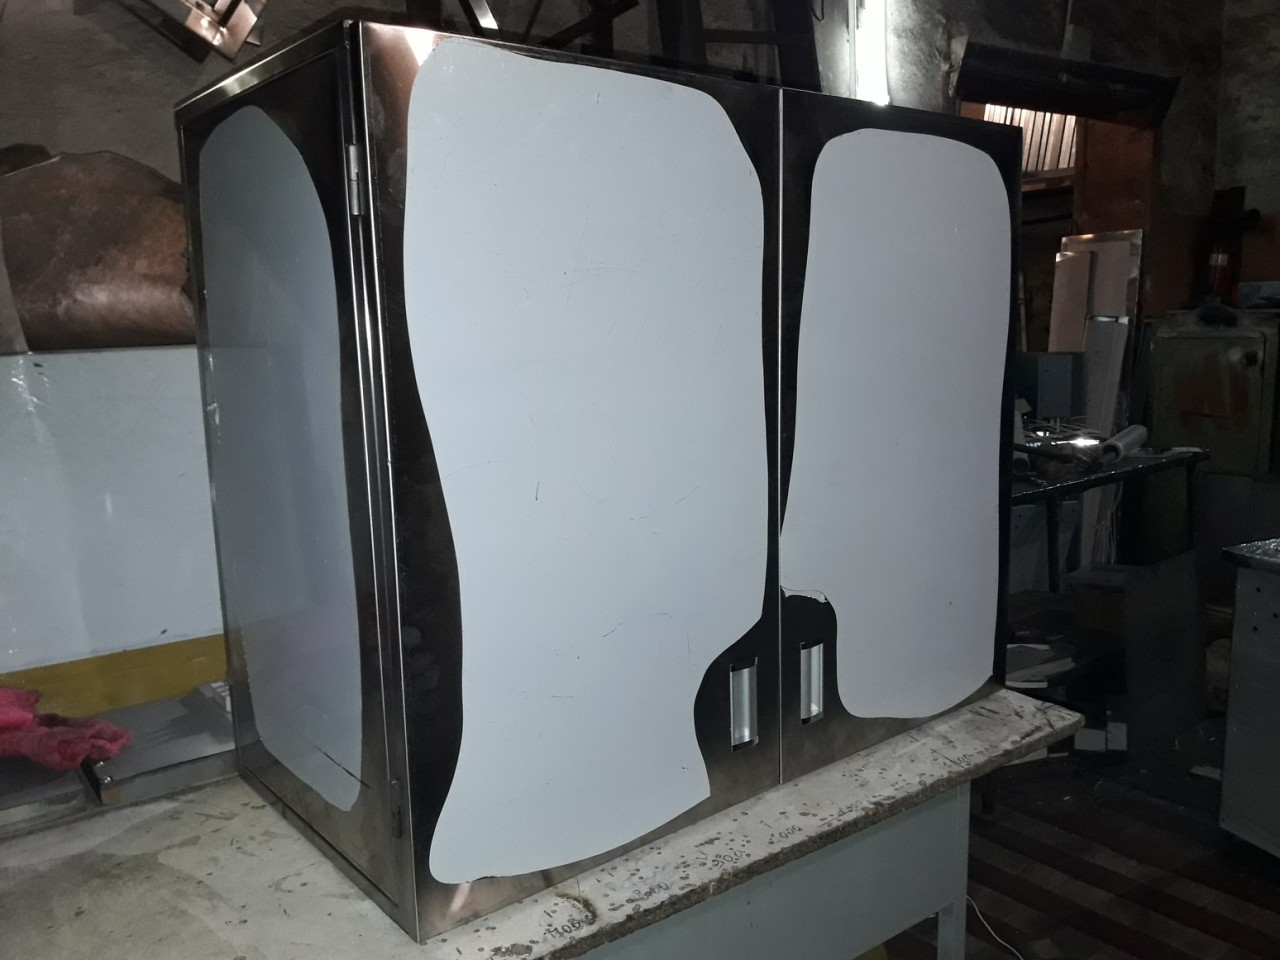 Шкаф навесной закрытый (700 x 300 x 600) - фотография